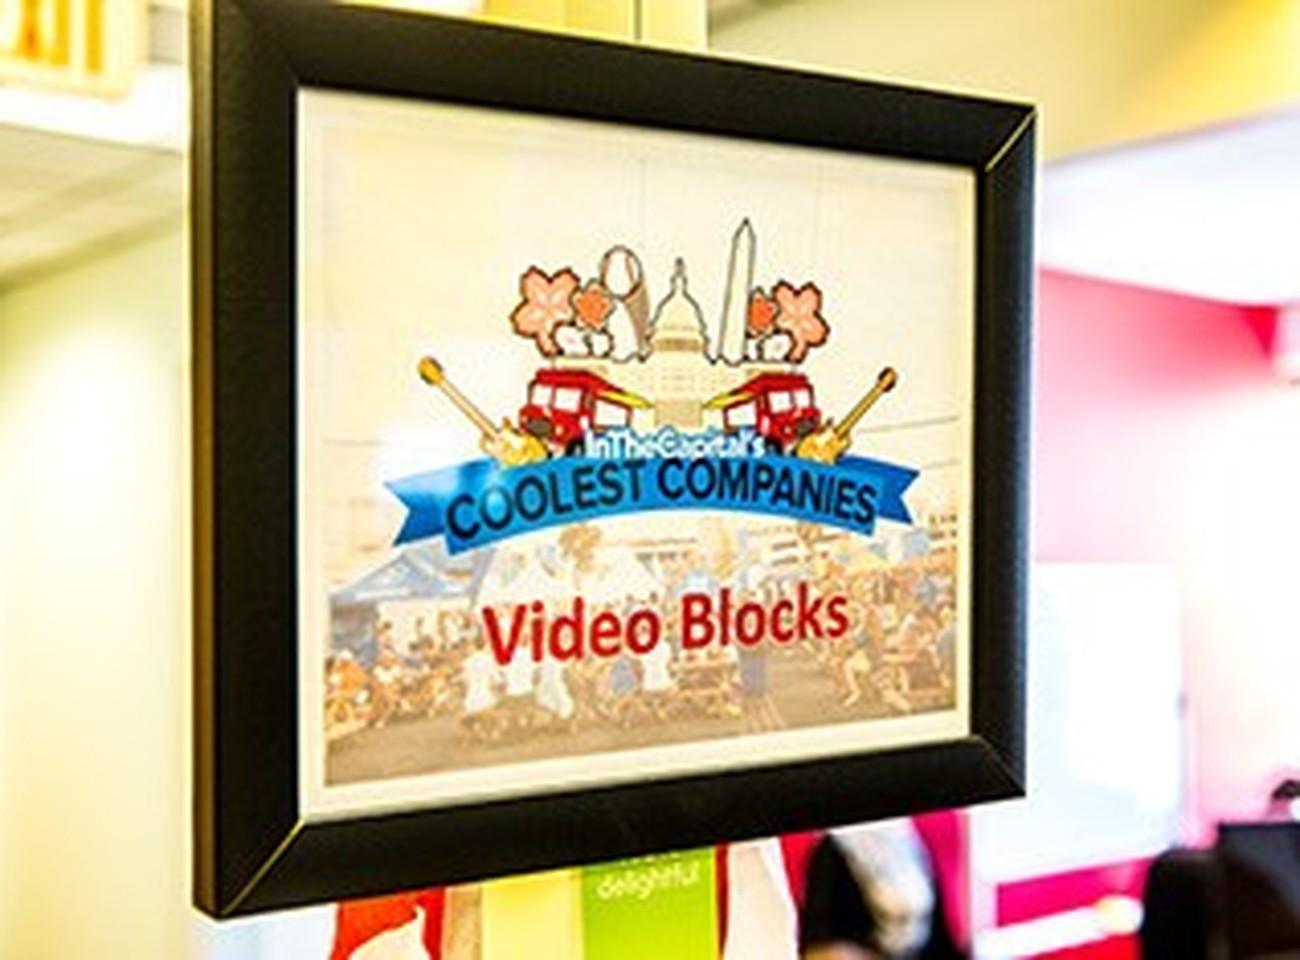 VideoBlocks Careers